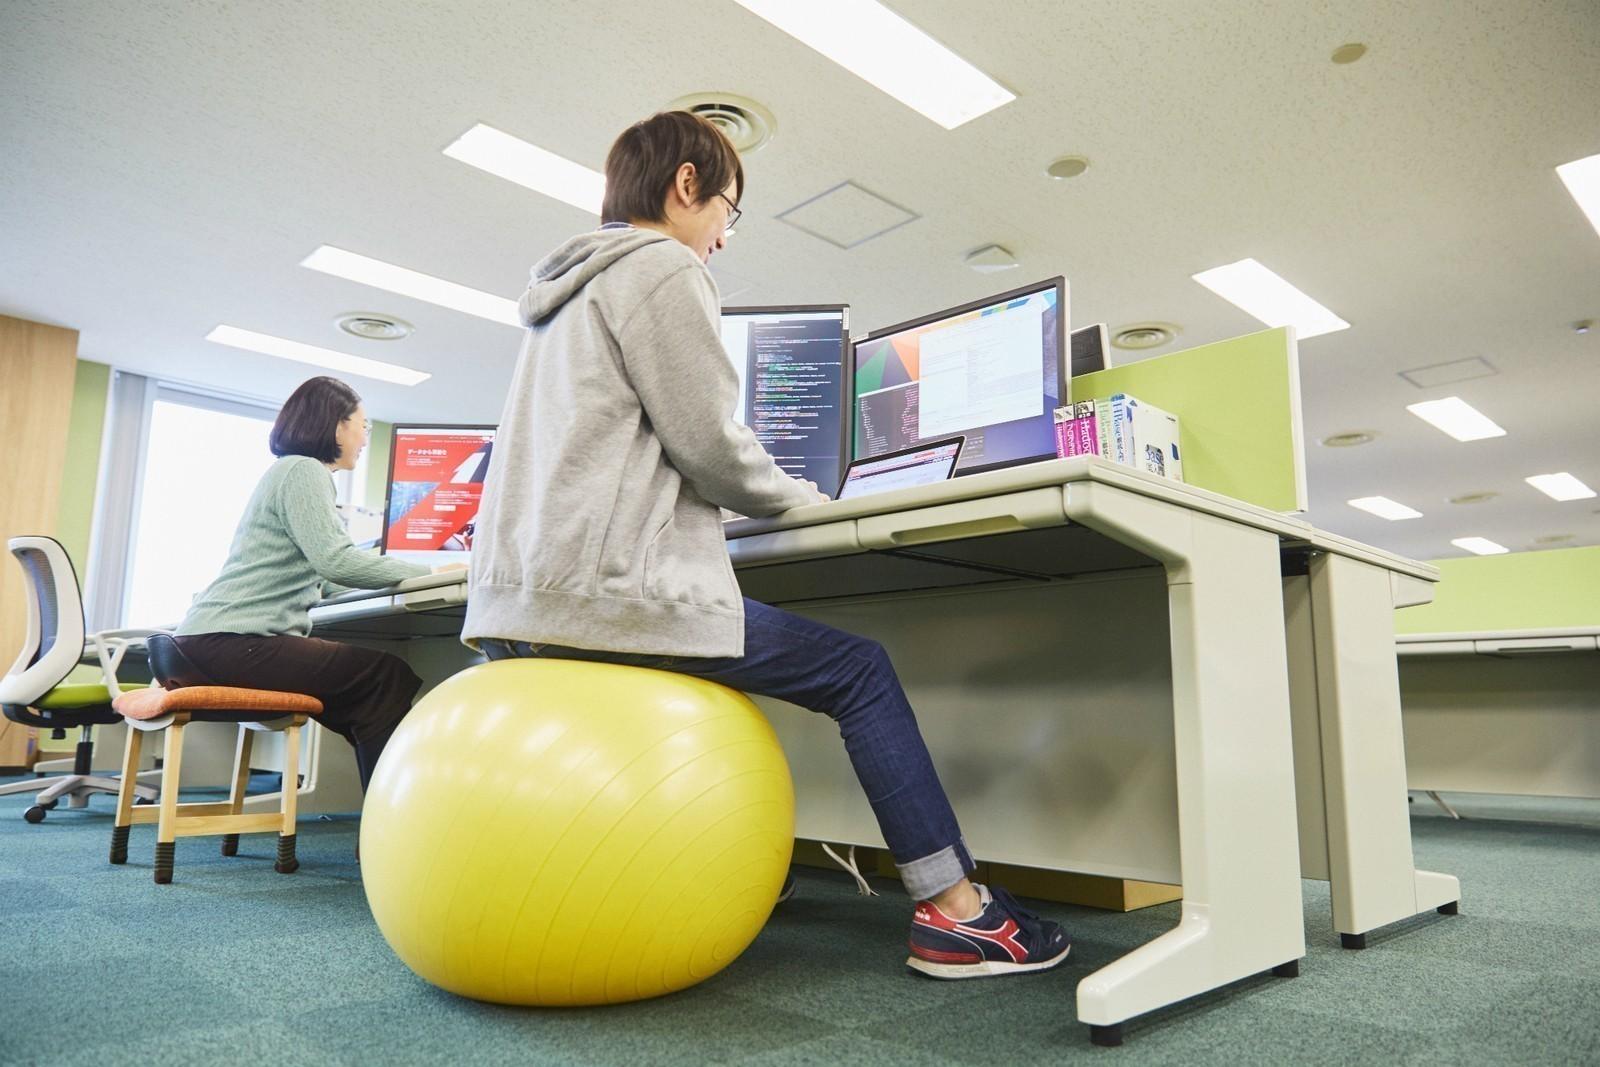 【Python/大規模データ】国内最大規模のプライベートDMP「Rtoaster」のセグメント・分析機能を担当するエンジニア募集!